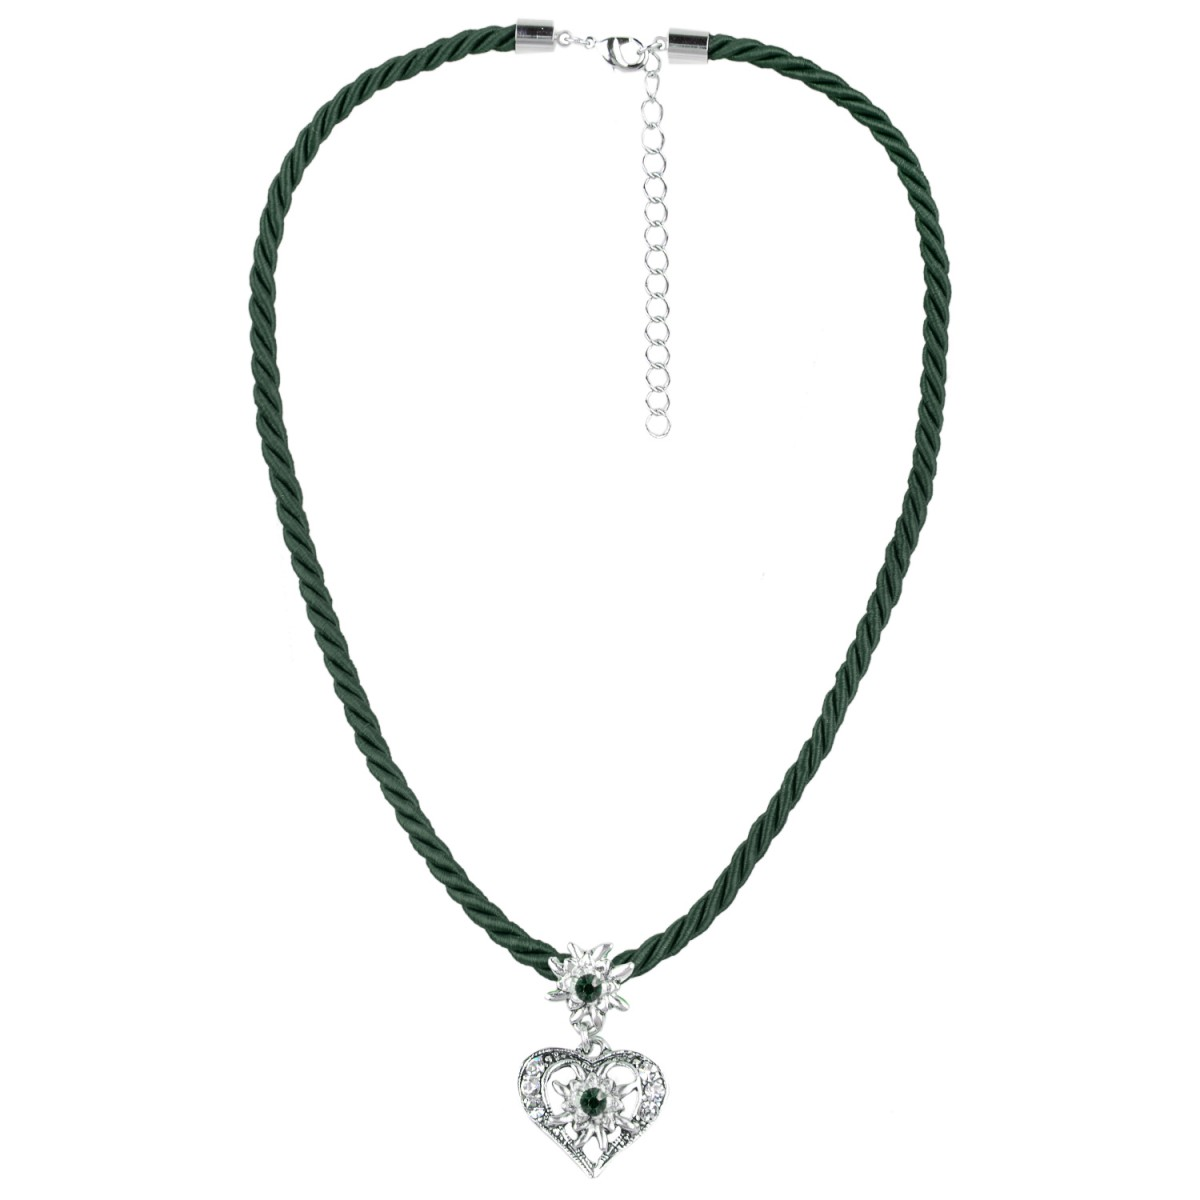 Kordelkette mit Herzanhänger in Dunkelgrün von Schlick Accessoires günstig online kaufen